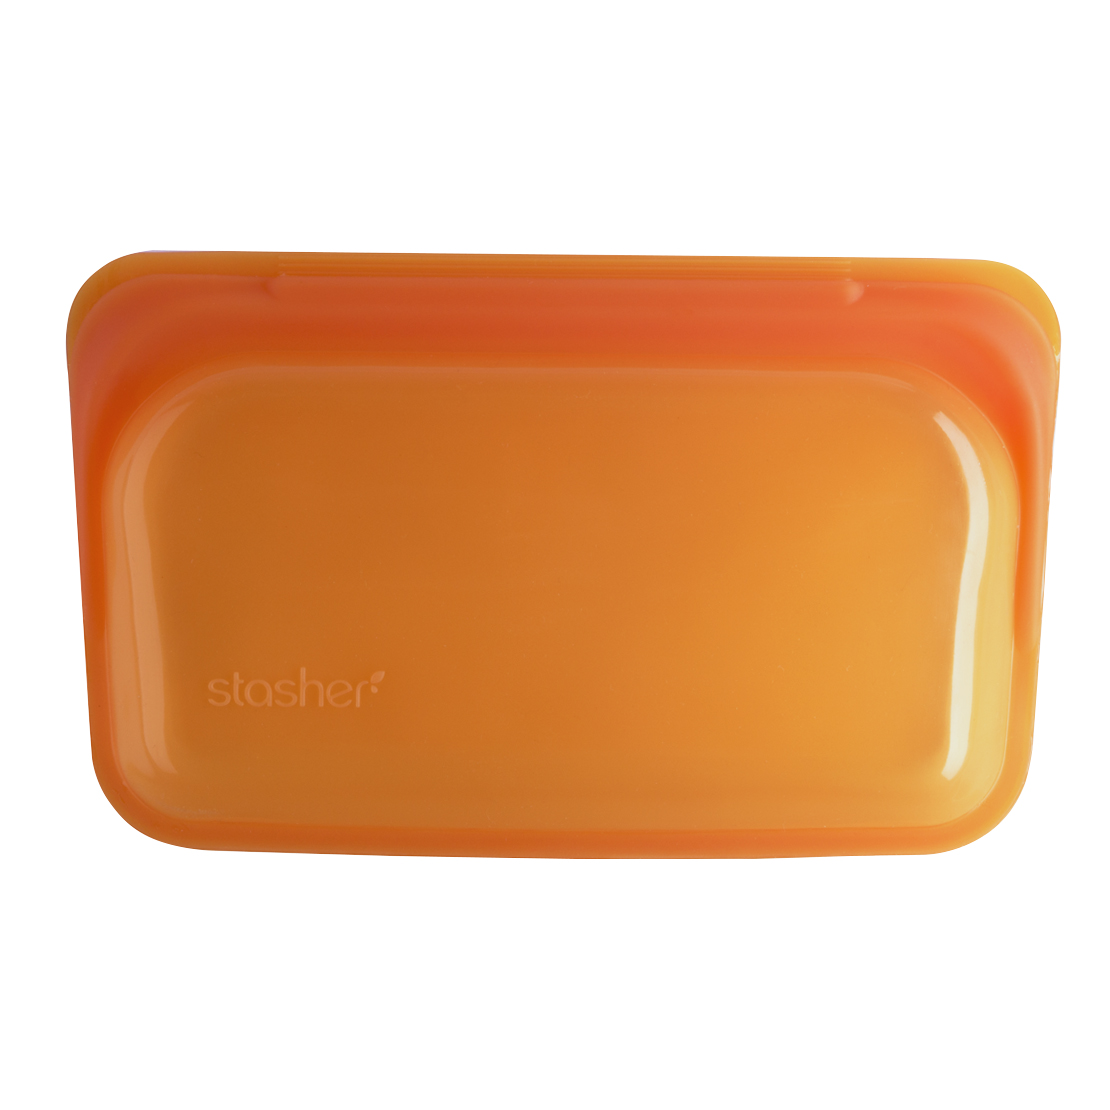 美國 Stasher 矽膠密封袋 長形 柑橙橘